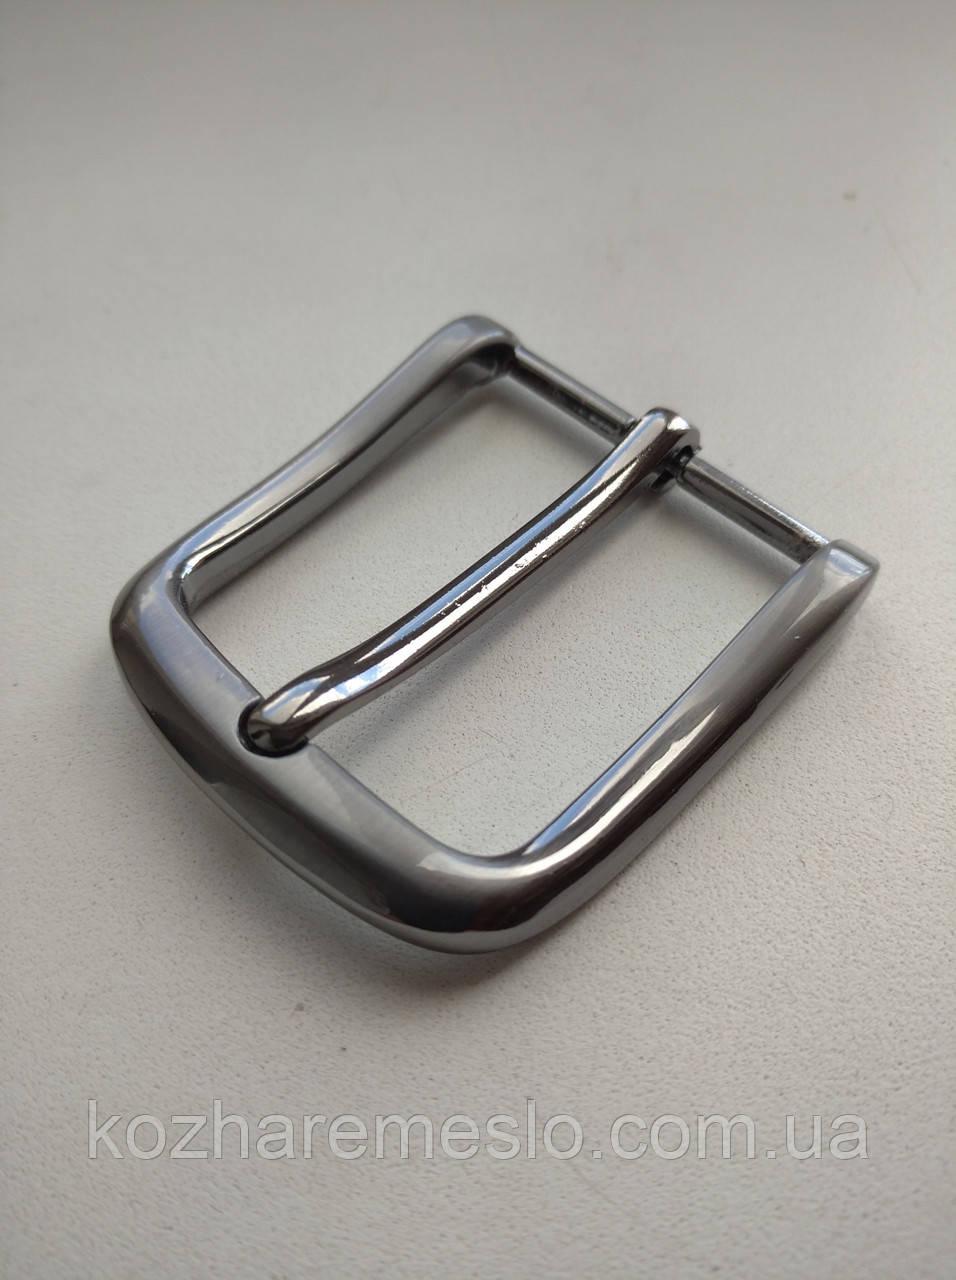 Пряжка для ремня 40 мм тёмный никель